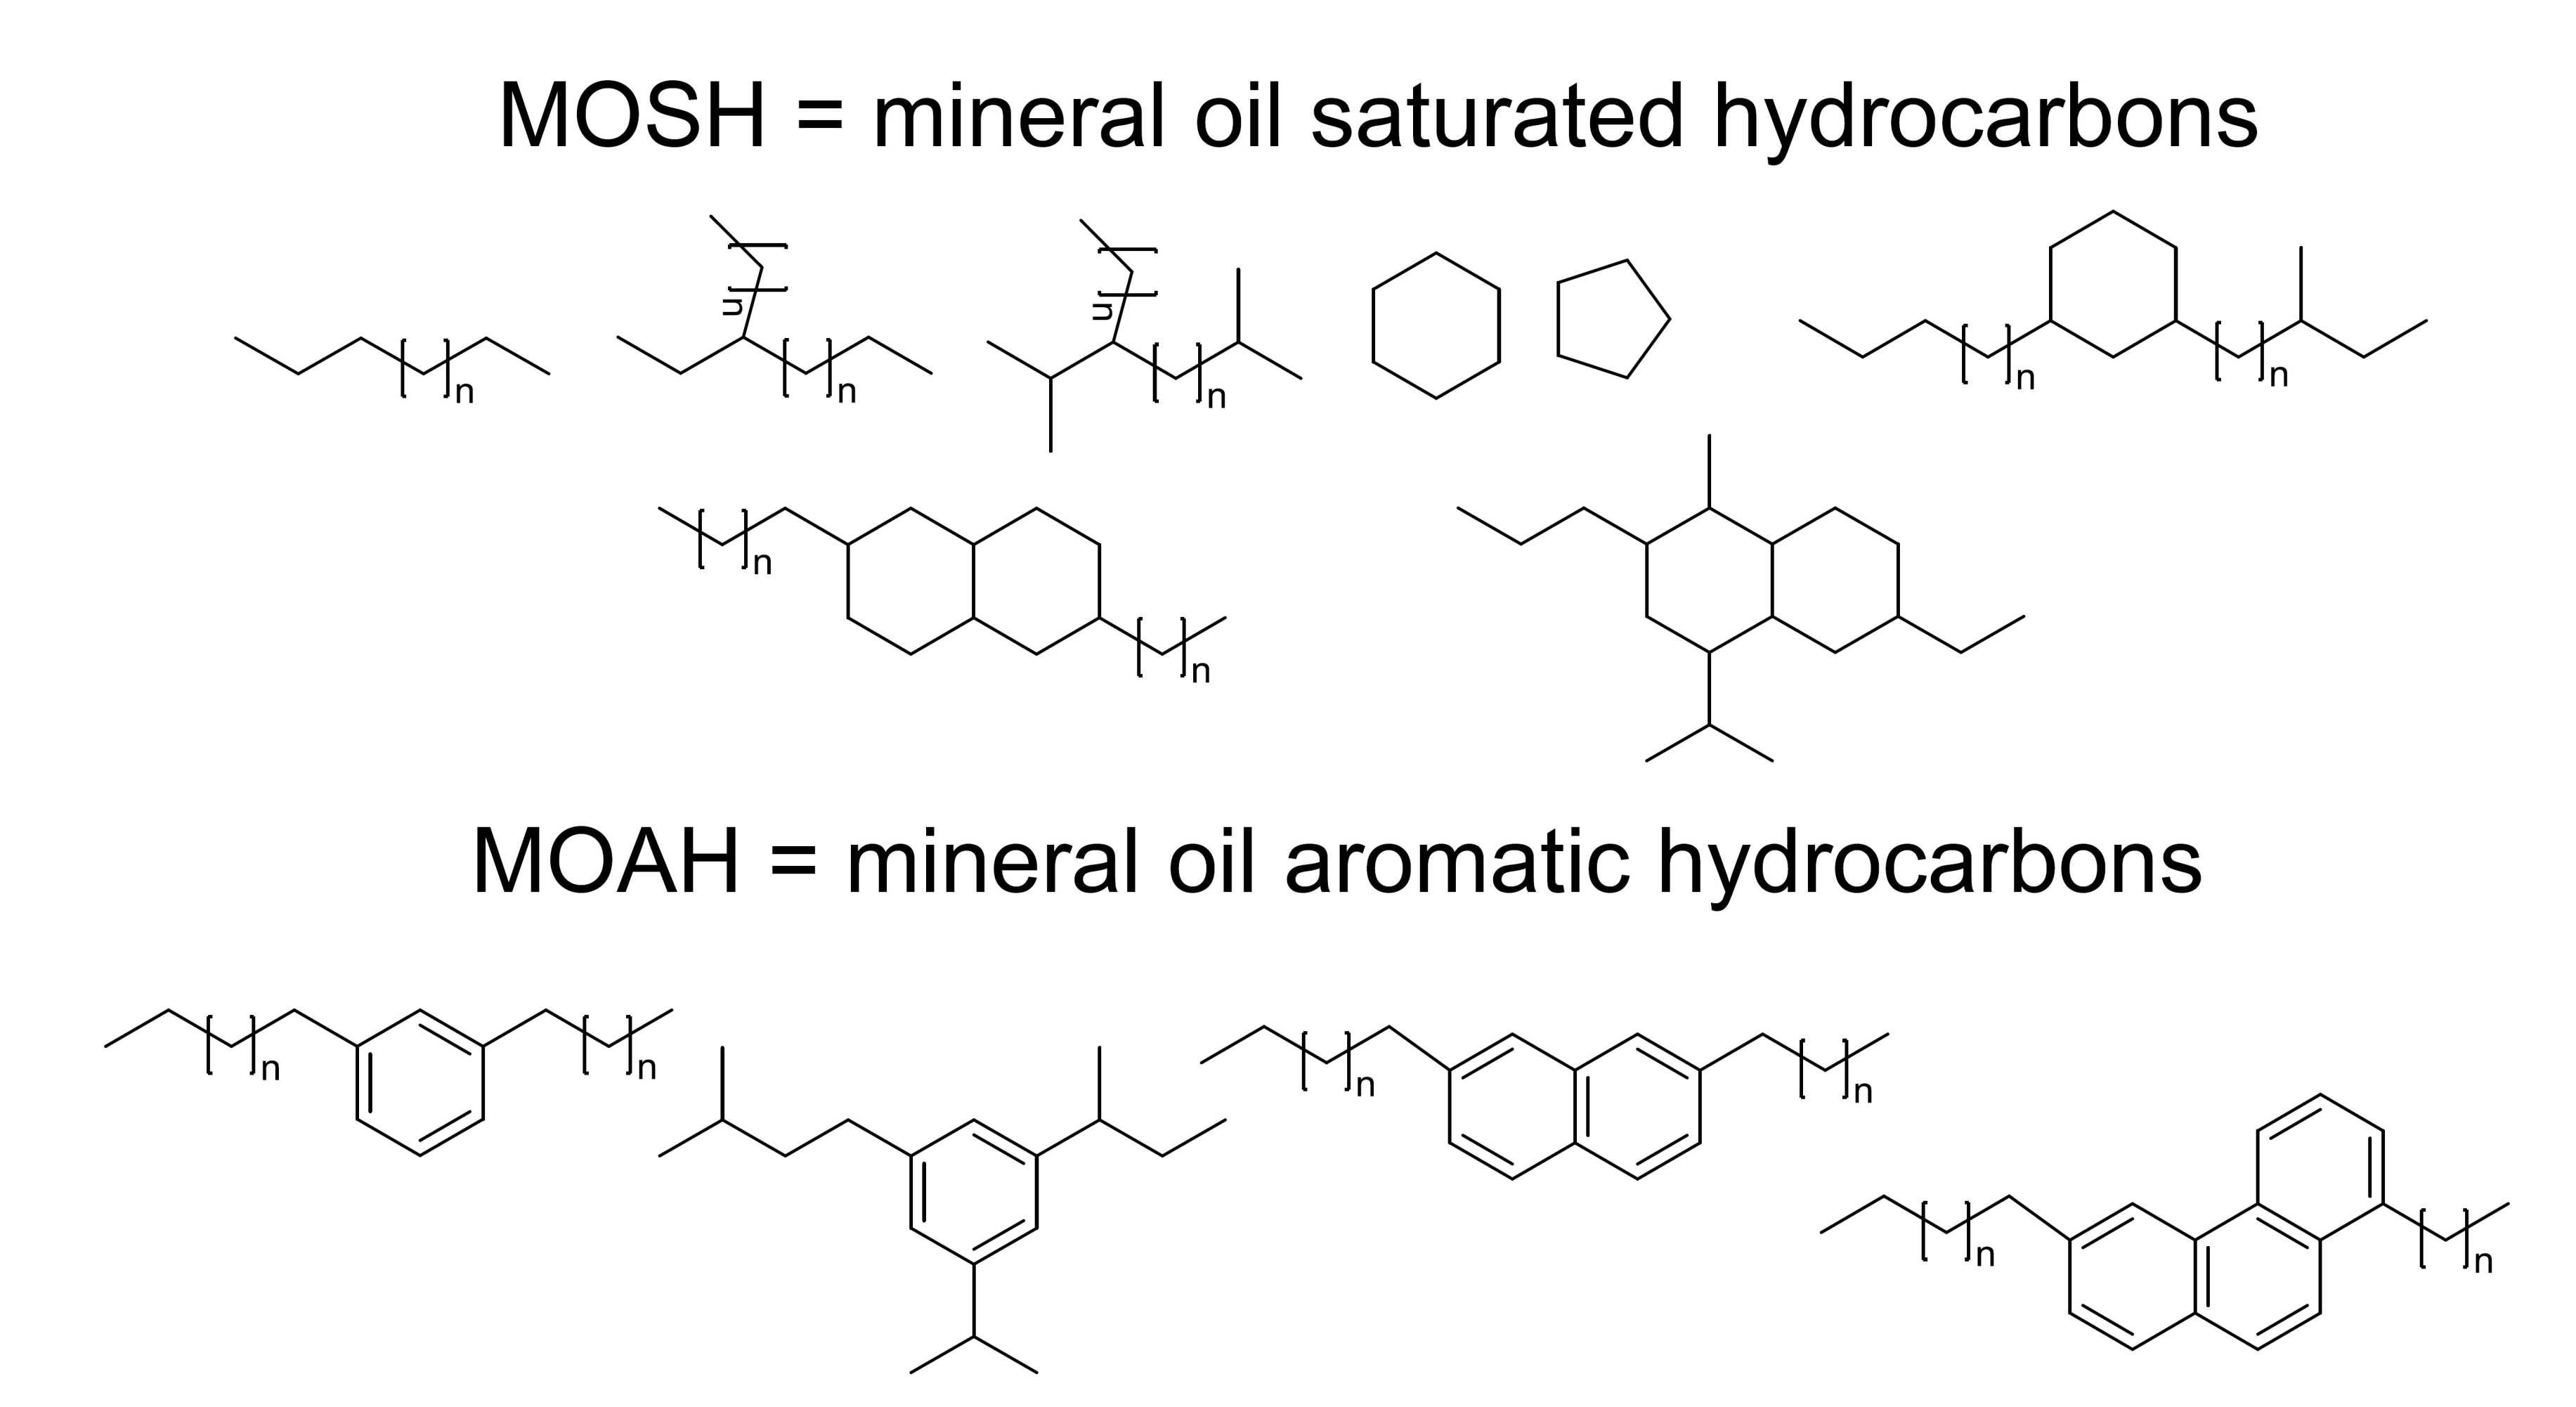 Die Abbildung zeigt chemische Strukturformeln für MOSH und MOAH.